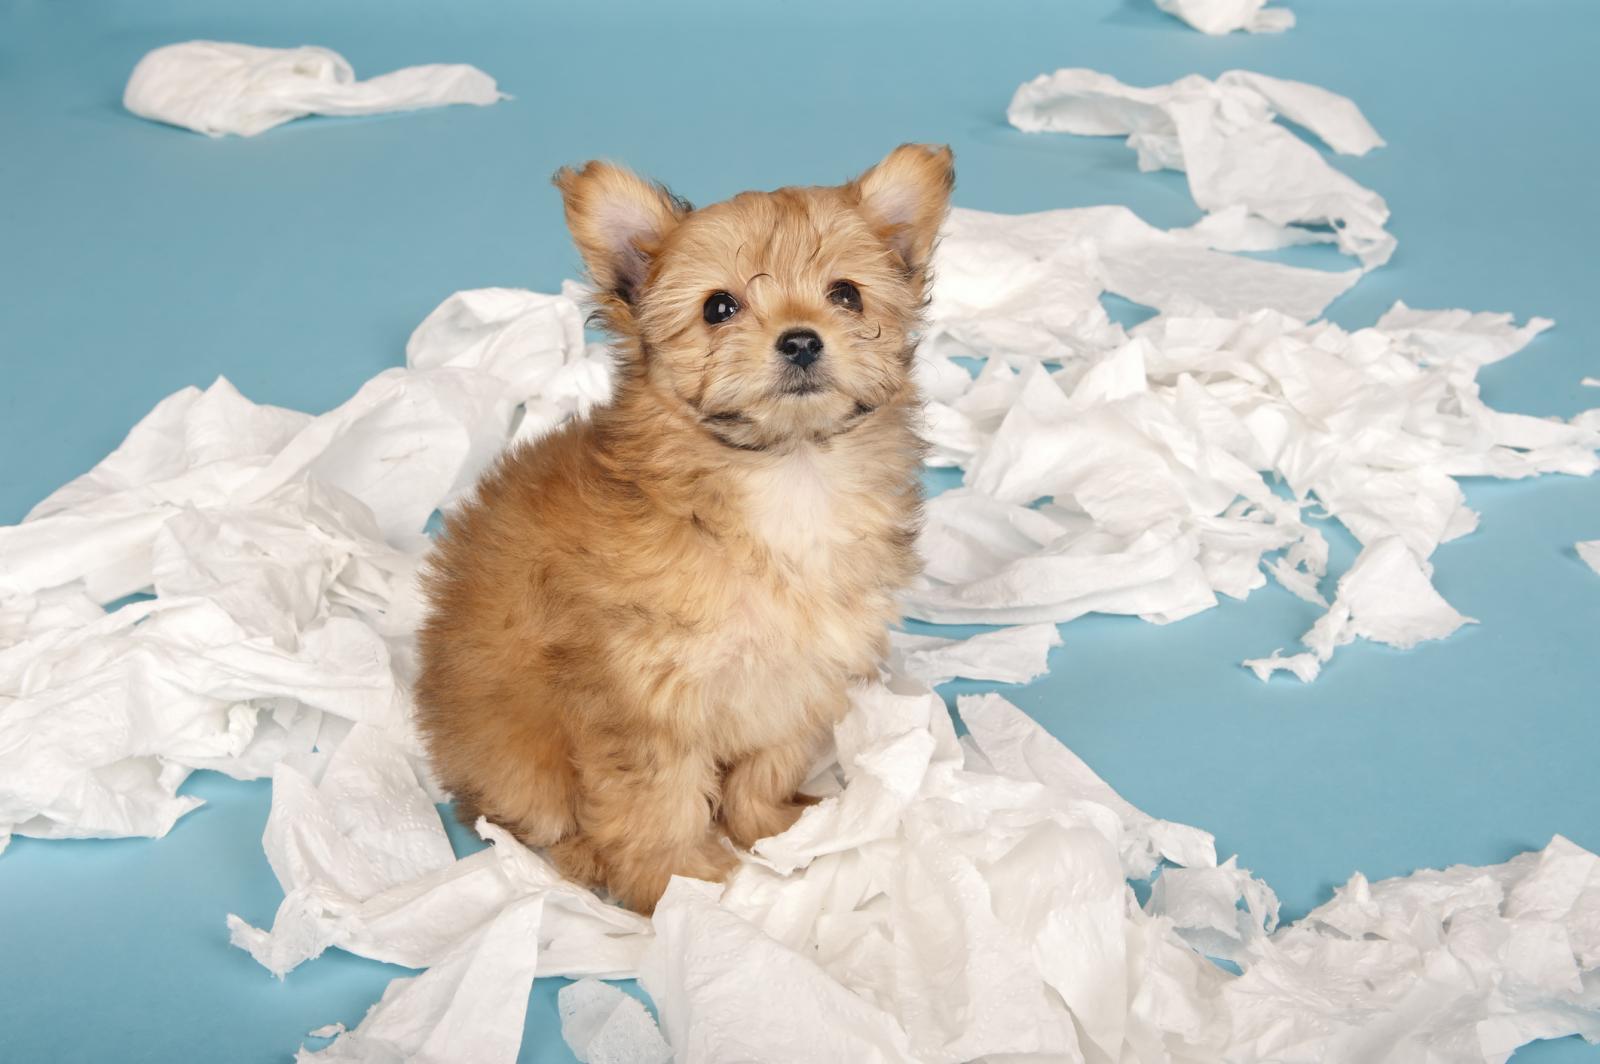 Nikad ne zaboravite - kazna ne ubrzava proces učenja kod šteneta niti mu pomaže da se smiri!